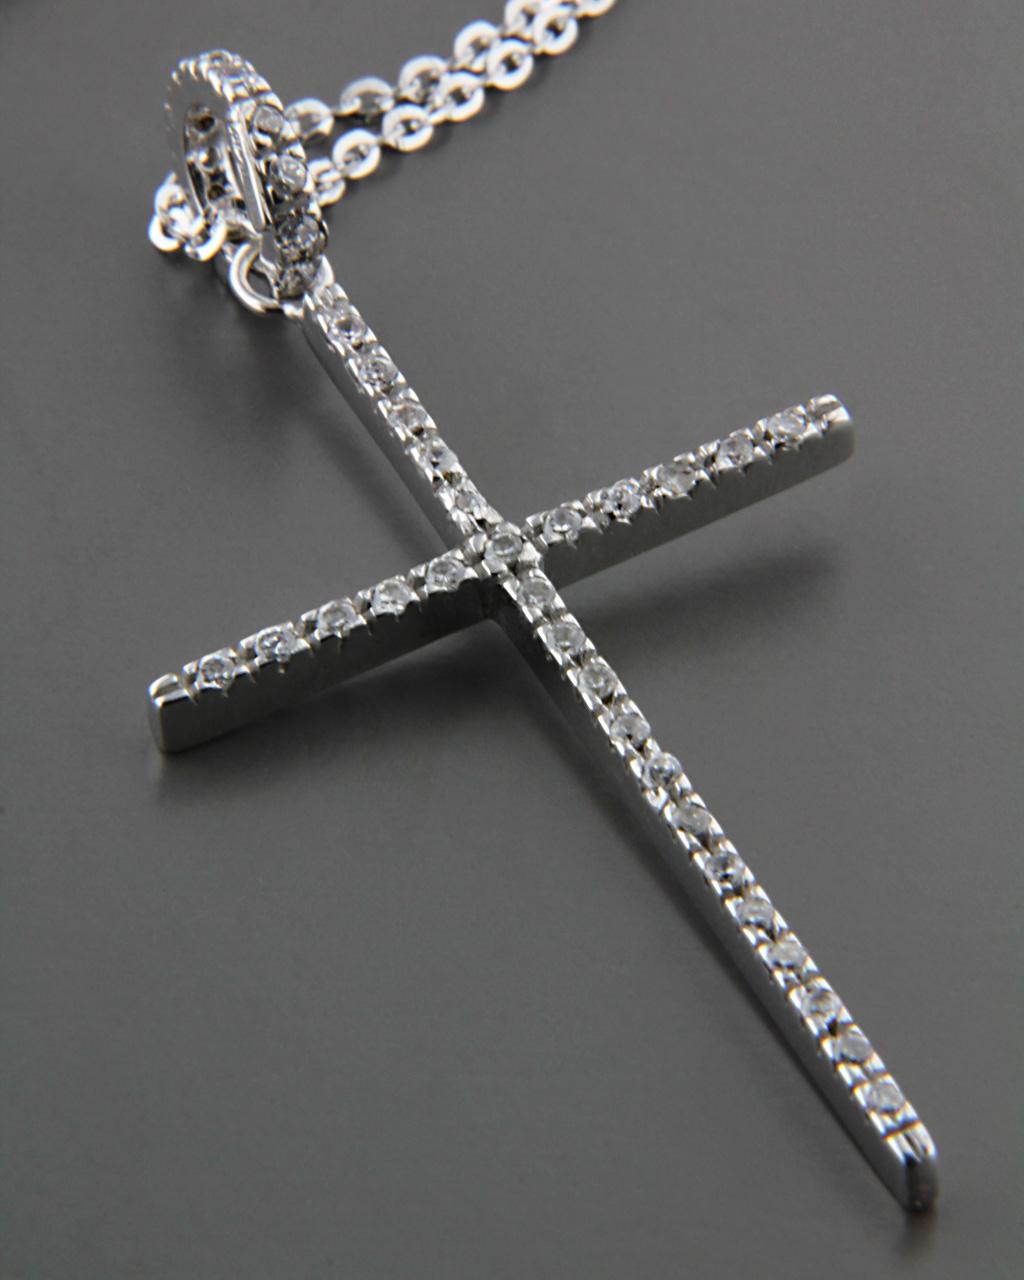 Σταυρός λευκόχρυσος Κ18 με Ζιργκόν   παιδι βαπτιστικοί σταυροί βαπτιστικοί σταυροί για κορίτσι